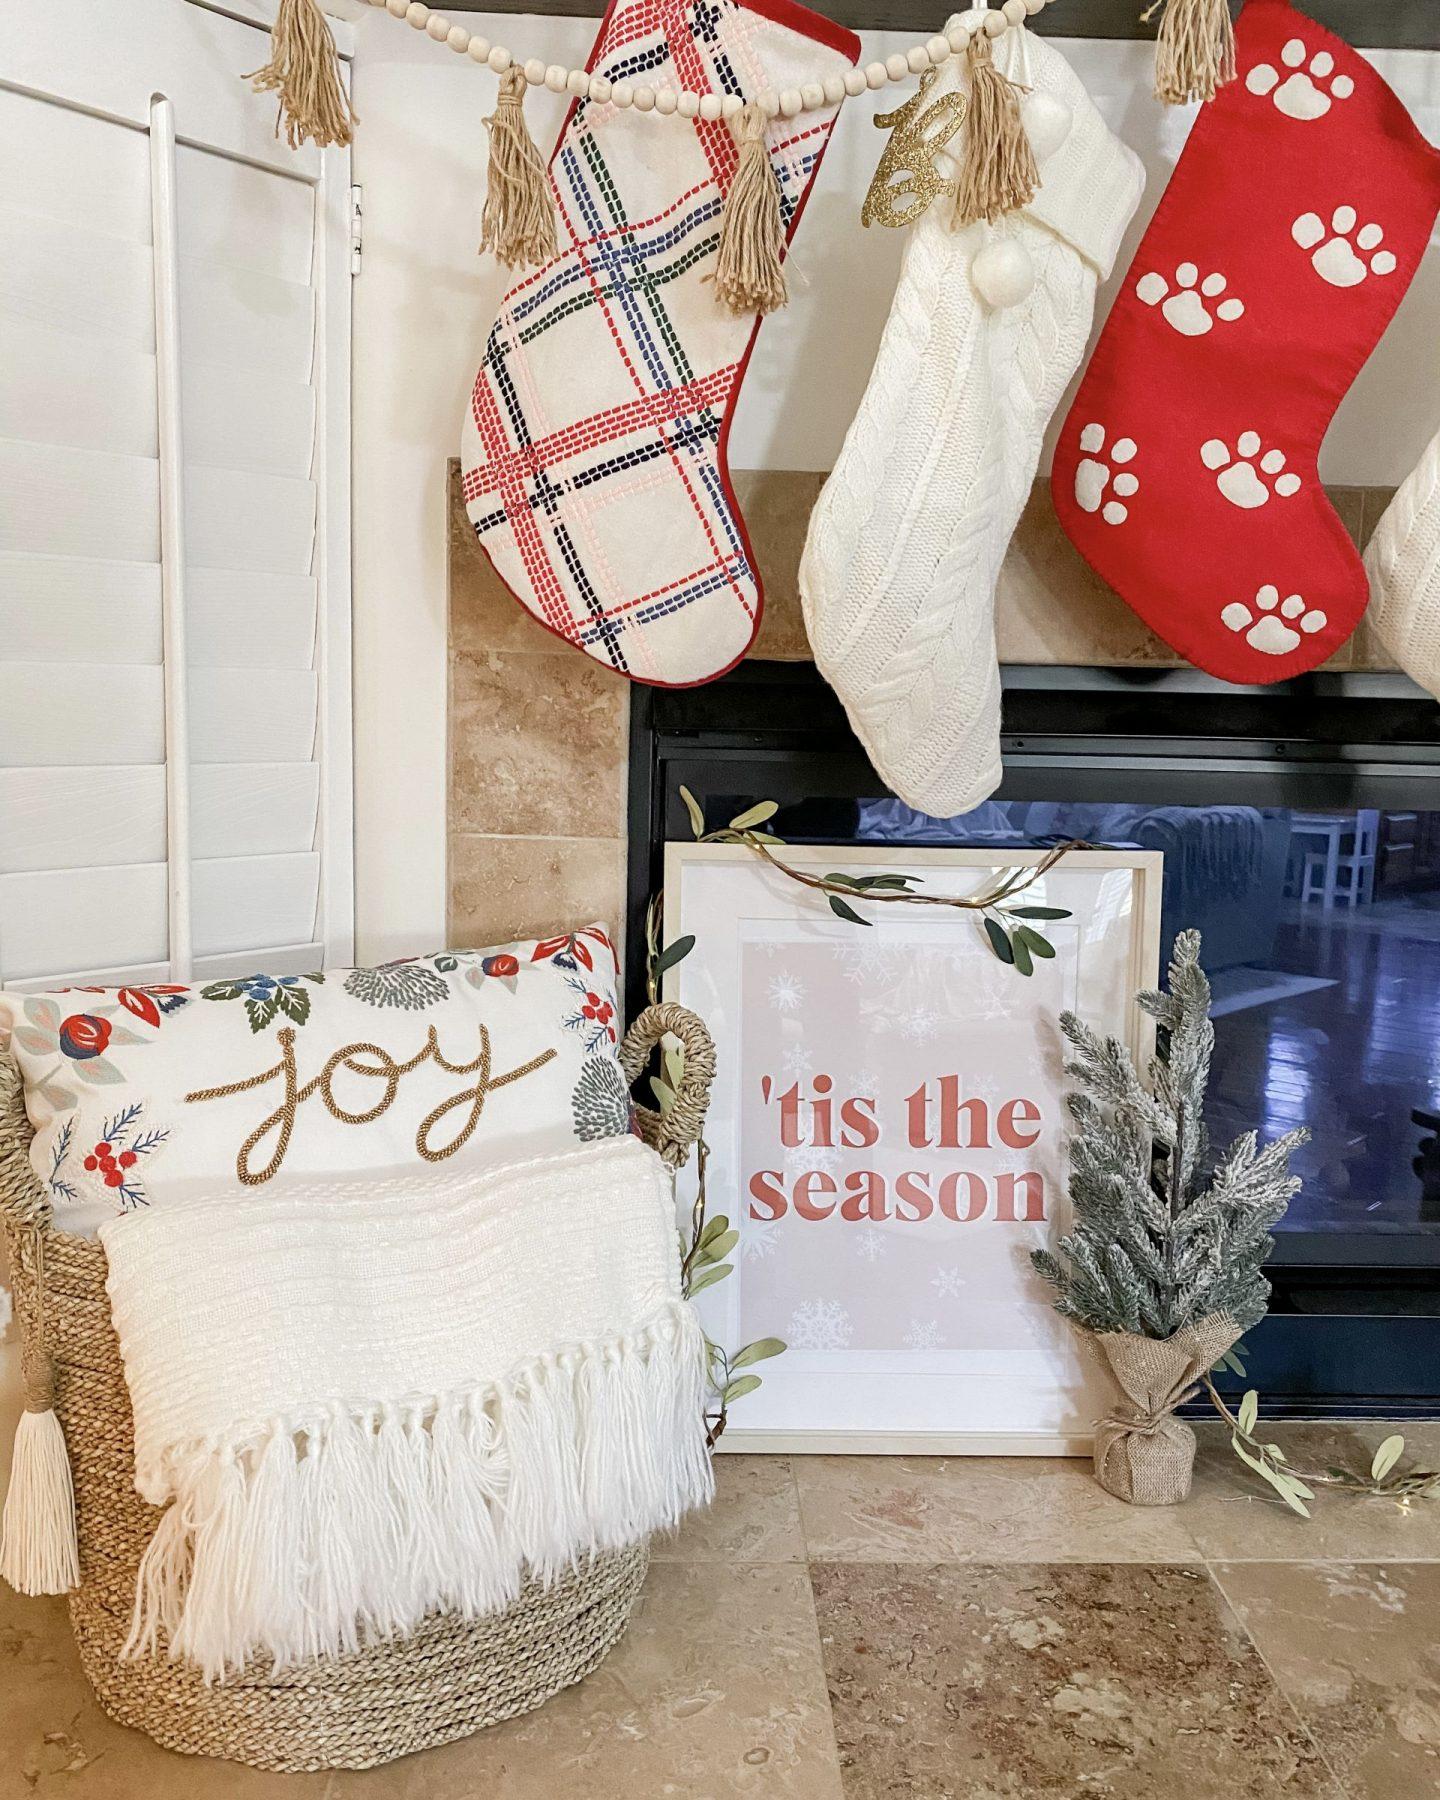 Christmas Home Tour Holiday Decor Christmas Print Stockings